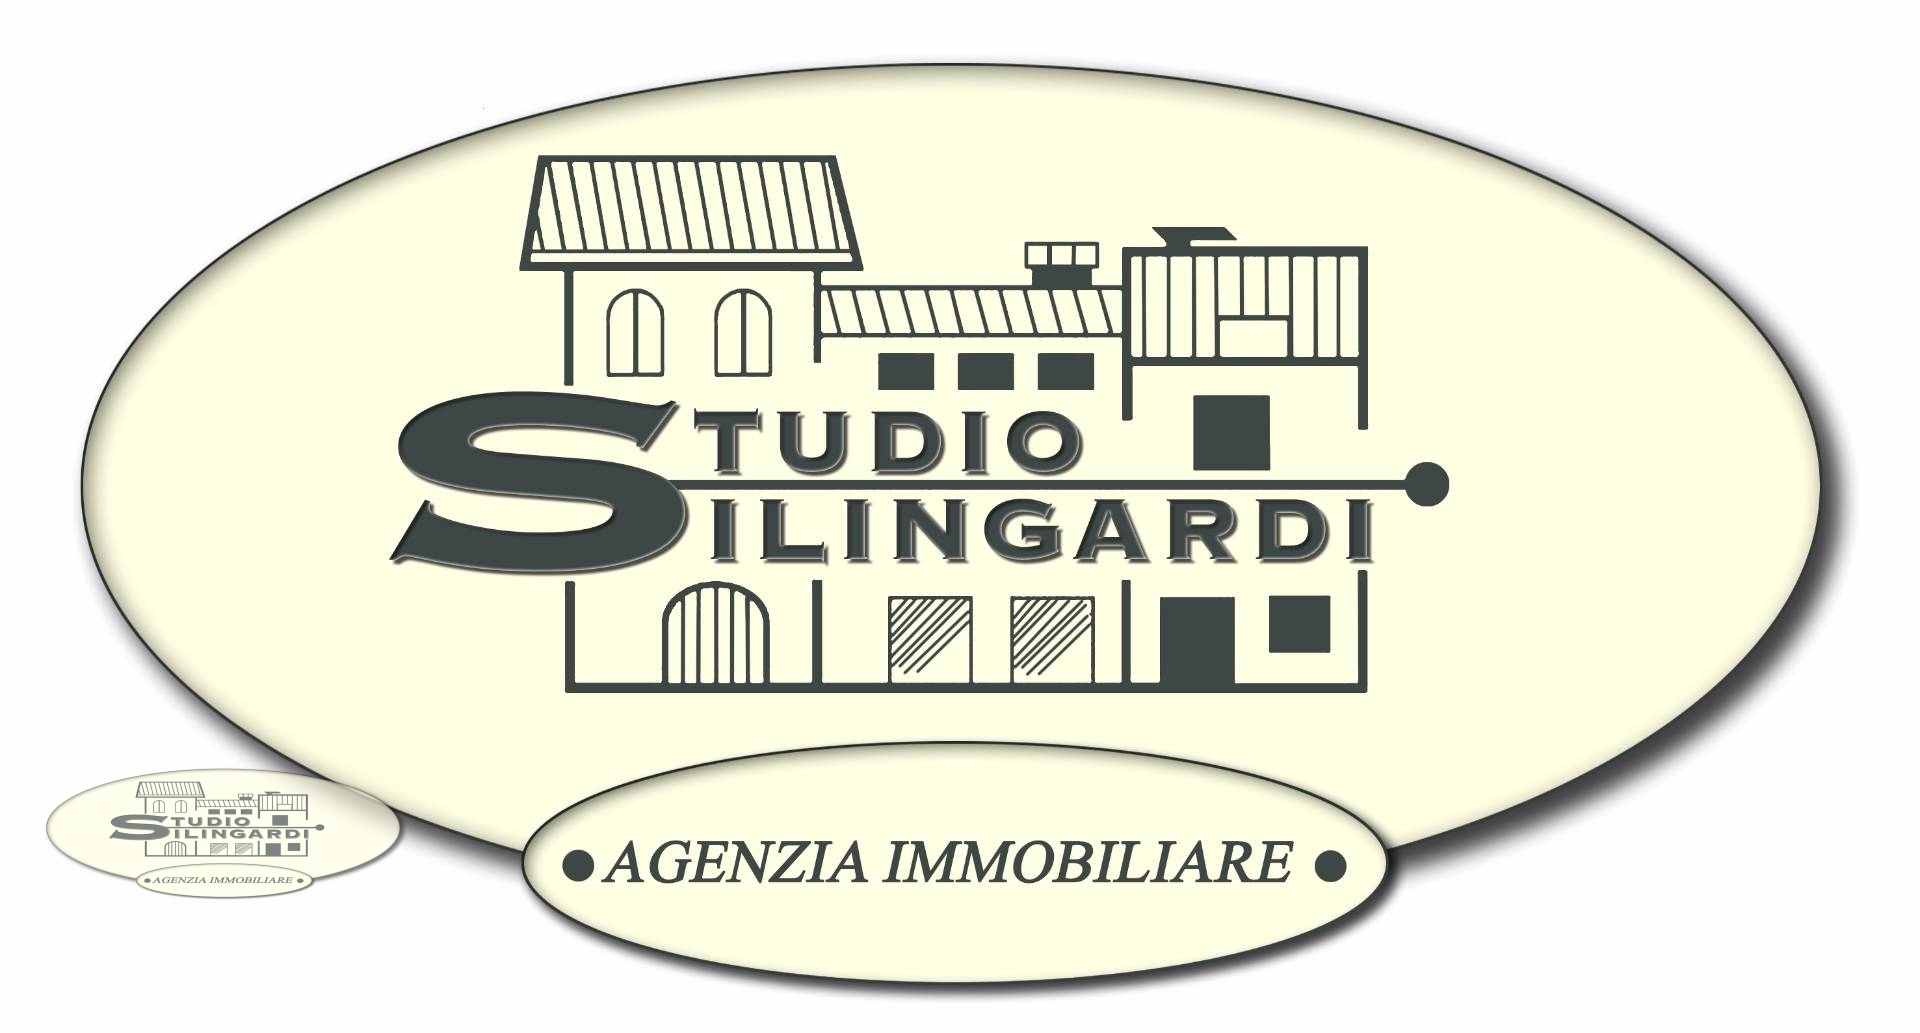 Appartamento in affitto a Formigine, 3 locali, zona Località: Formigine, prezzo € 650 | CambioCasa.it